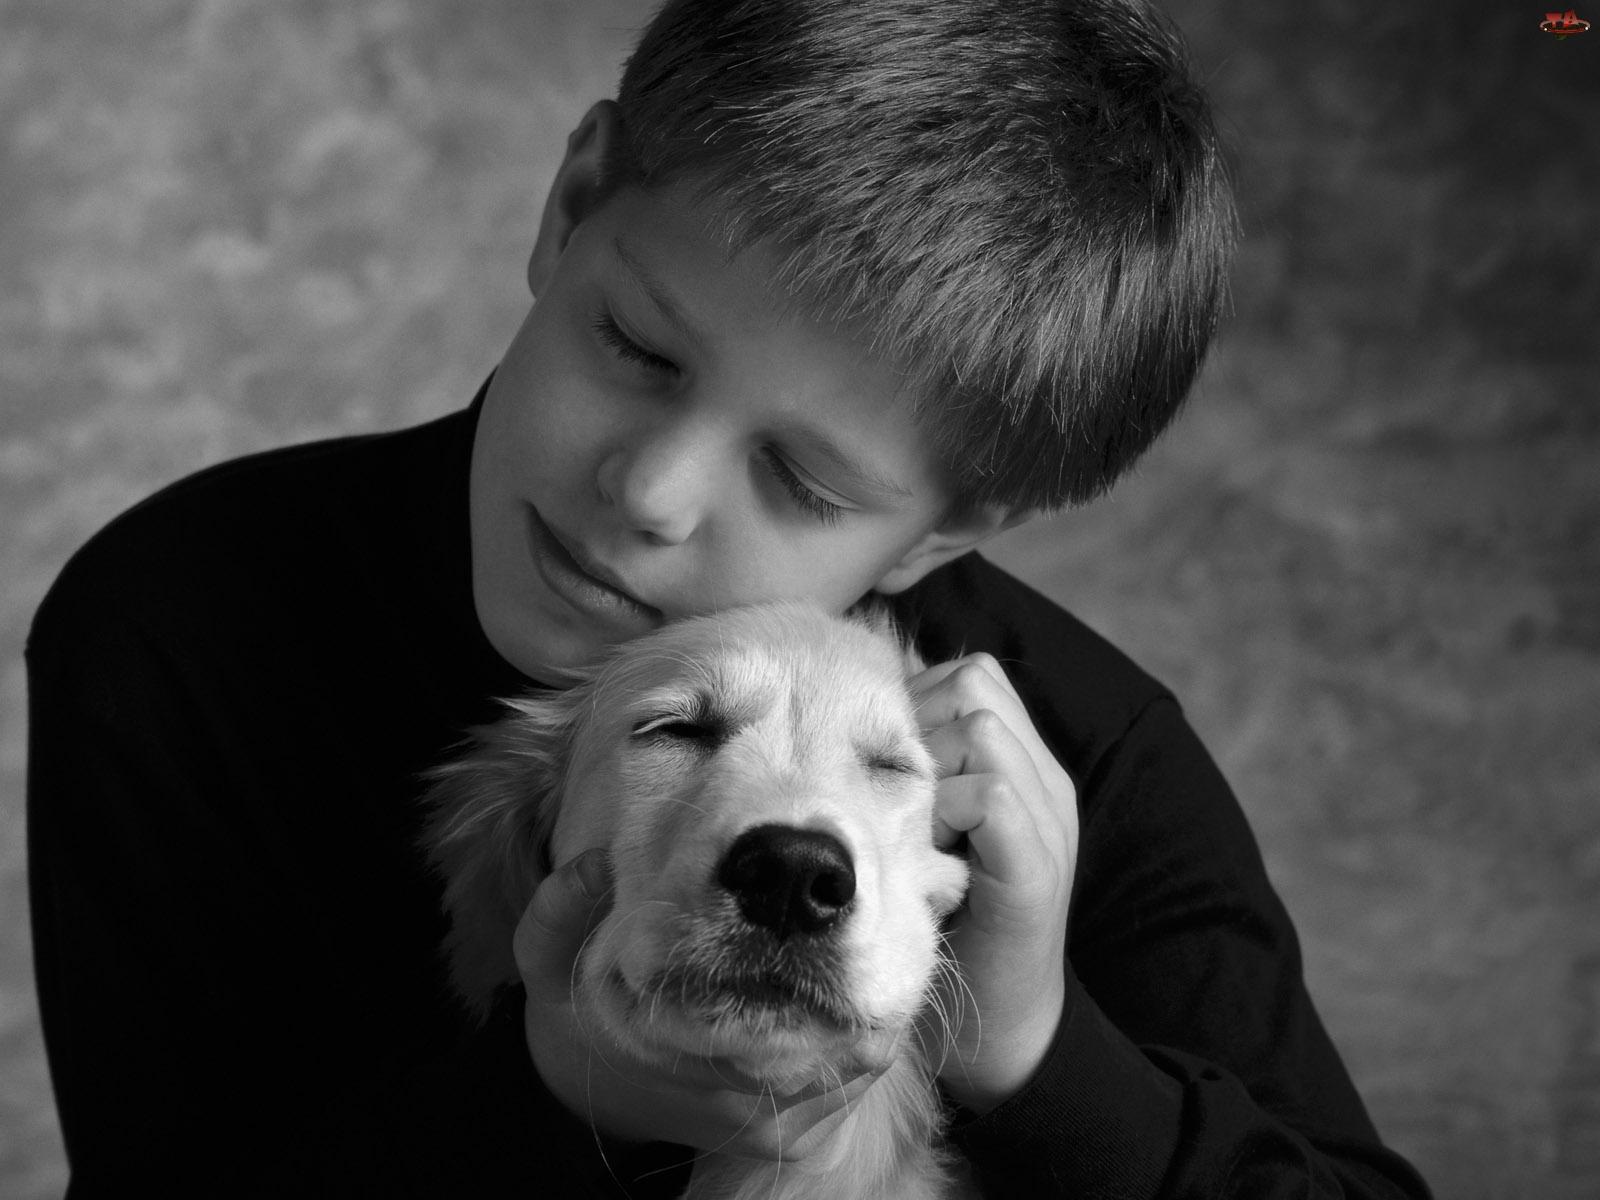 Fotografia, Miłość, Chłopiec, Pies, Dziecko